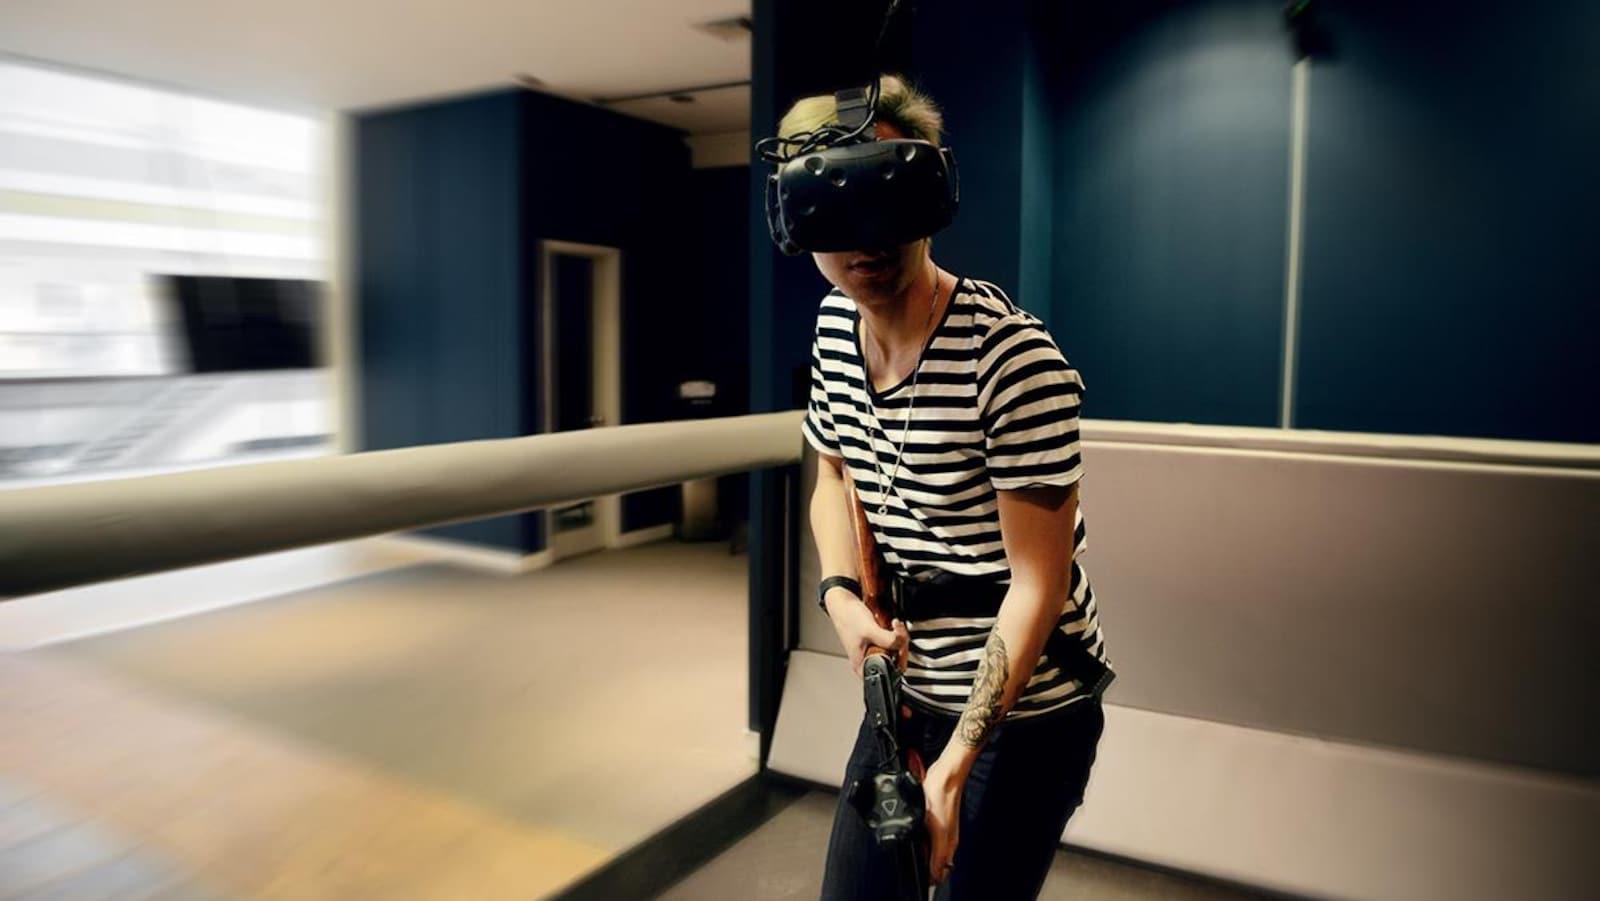 Un joueur armé d'un fusil de plastique et équipé d'un masque de réalité virtuelle joue sur le tapis roulant.